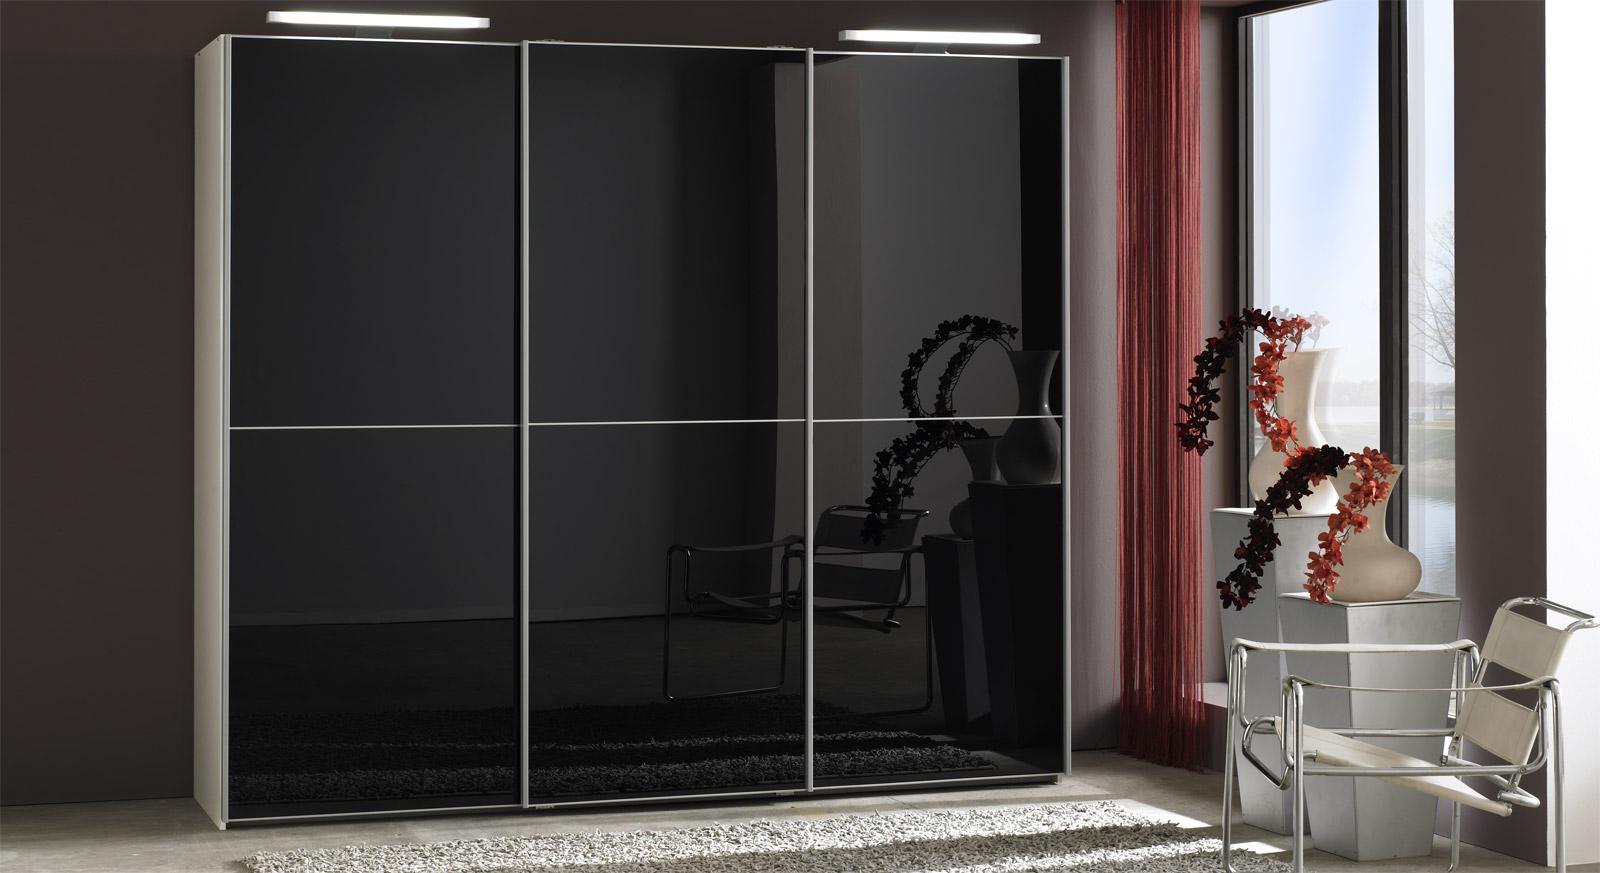 Schlafzimmer Schrank Schwarz #16: Schwebetüren-Kleiderschrank Madison In Alpinweiß Dekor Mit Schwarzem Glas